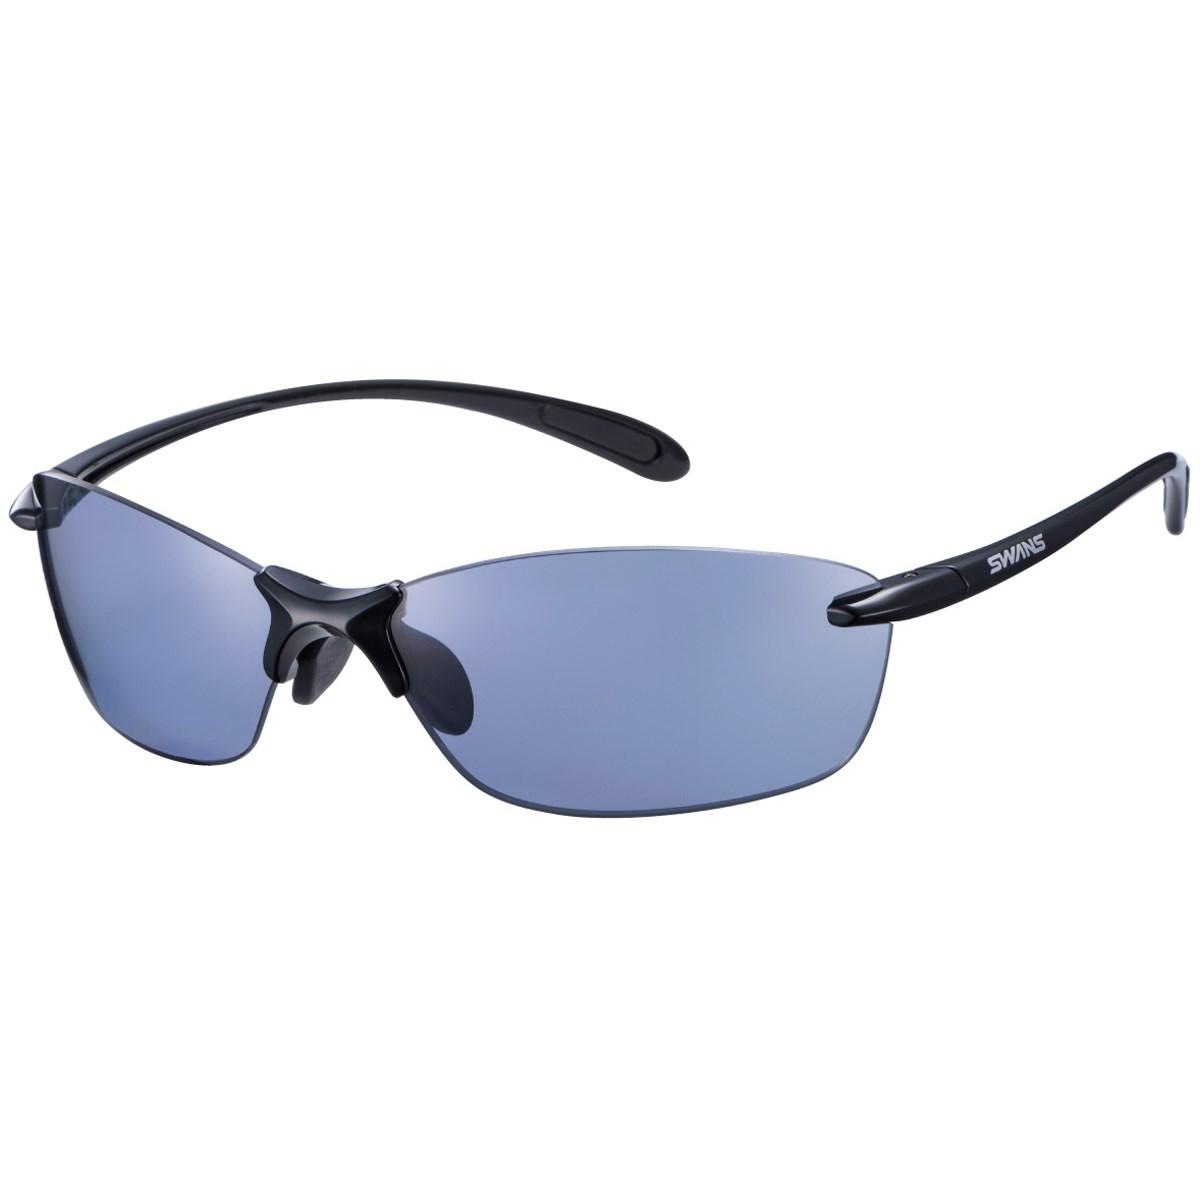 SWANS スワンズ 偏光レンズ ULTRAレンズ スポーツサングラス ブラック/ブラック